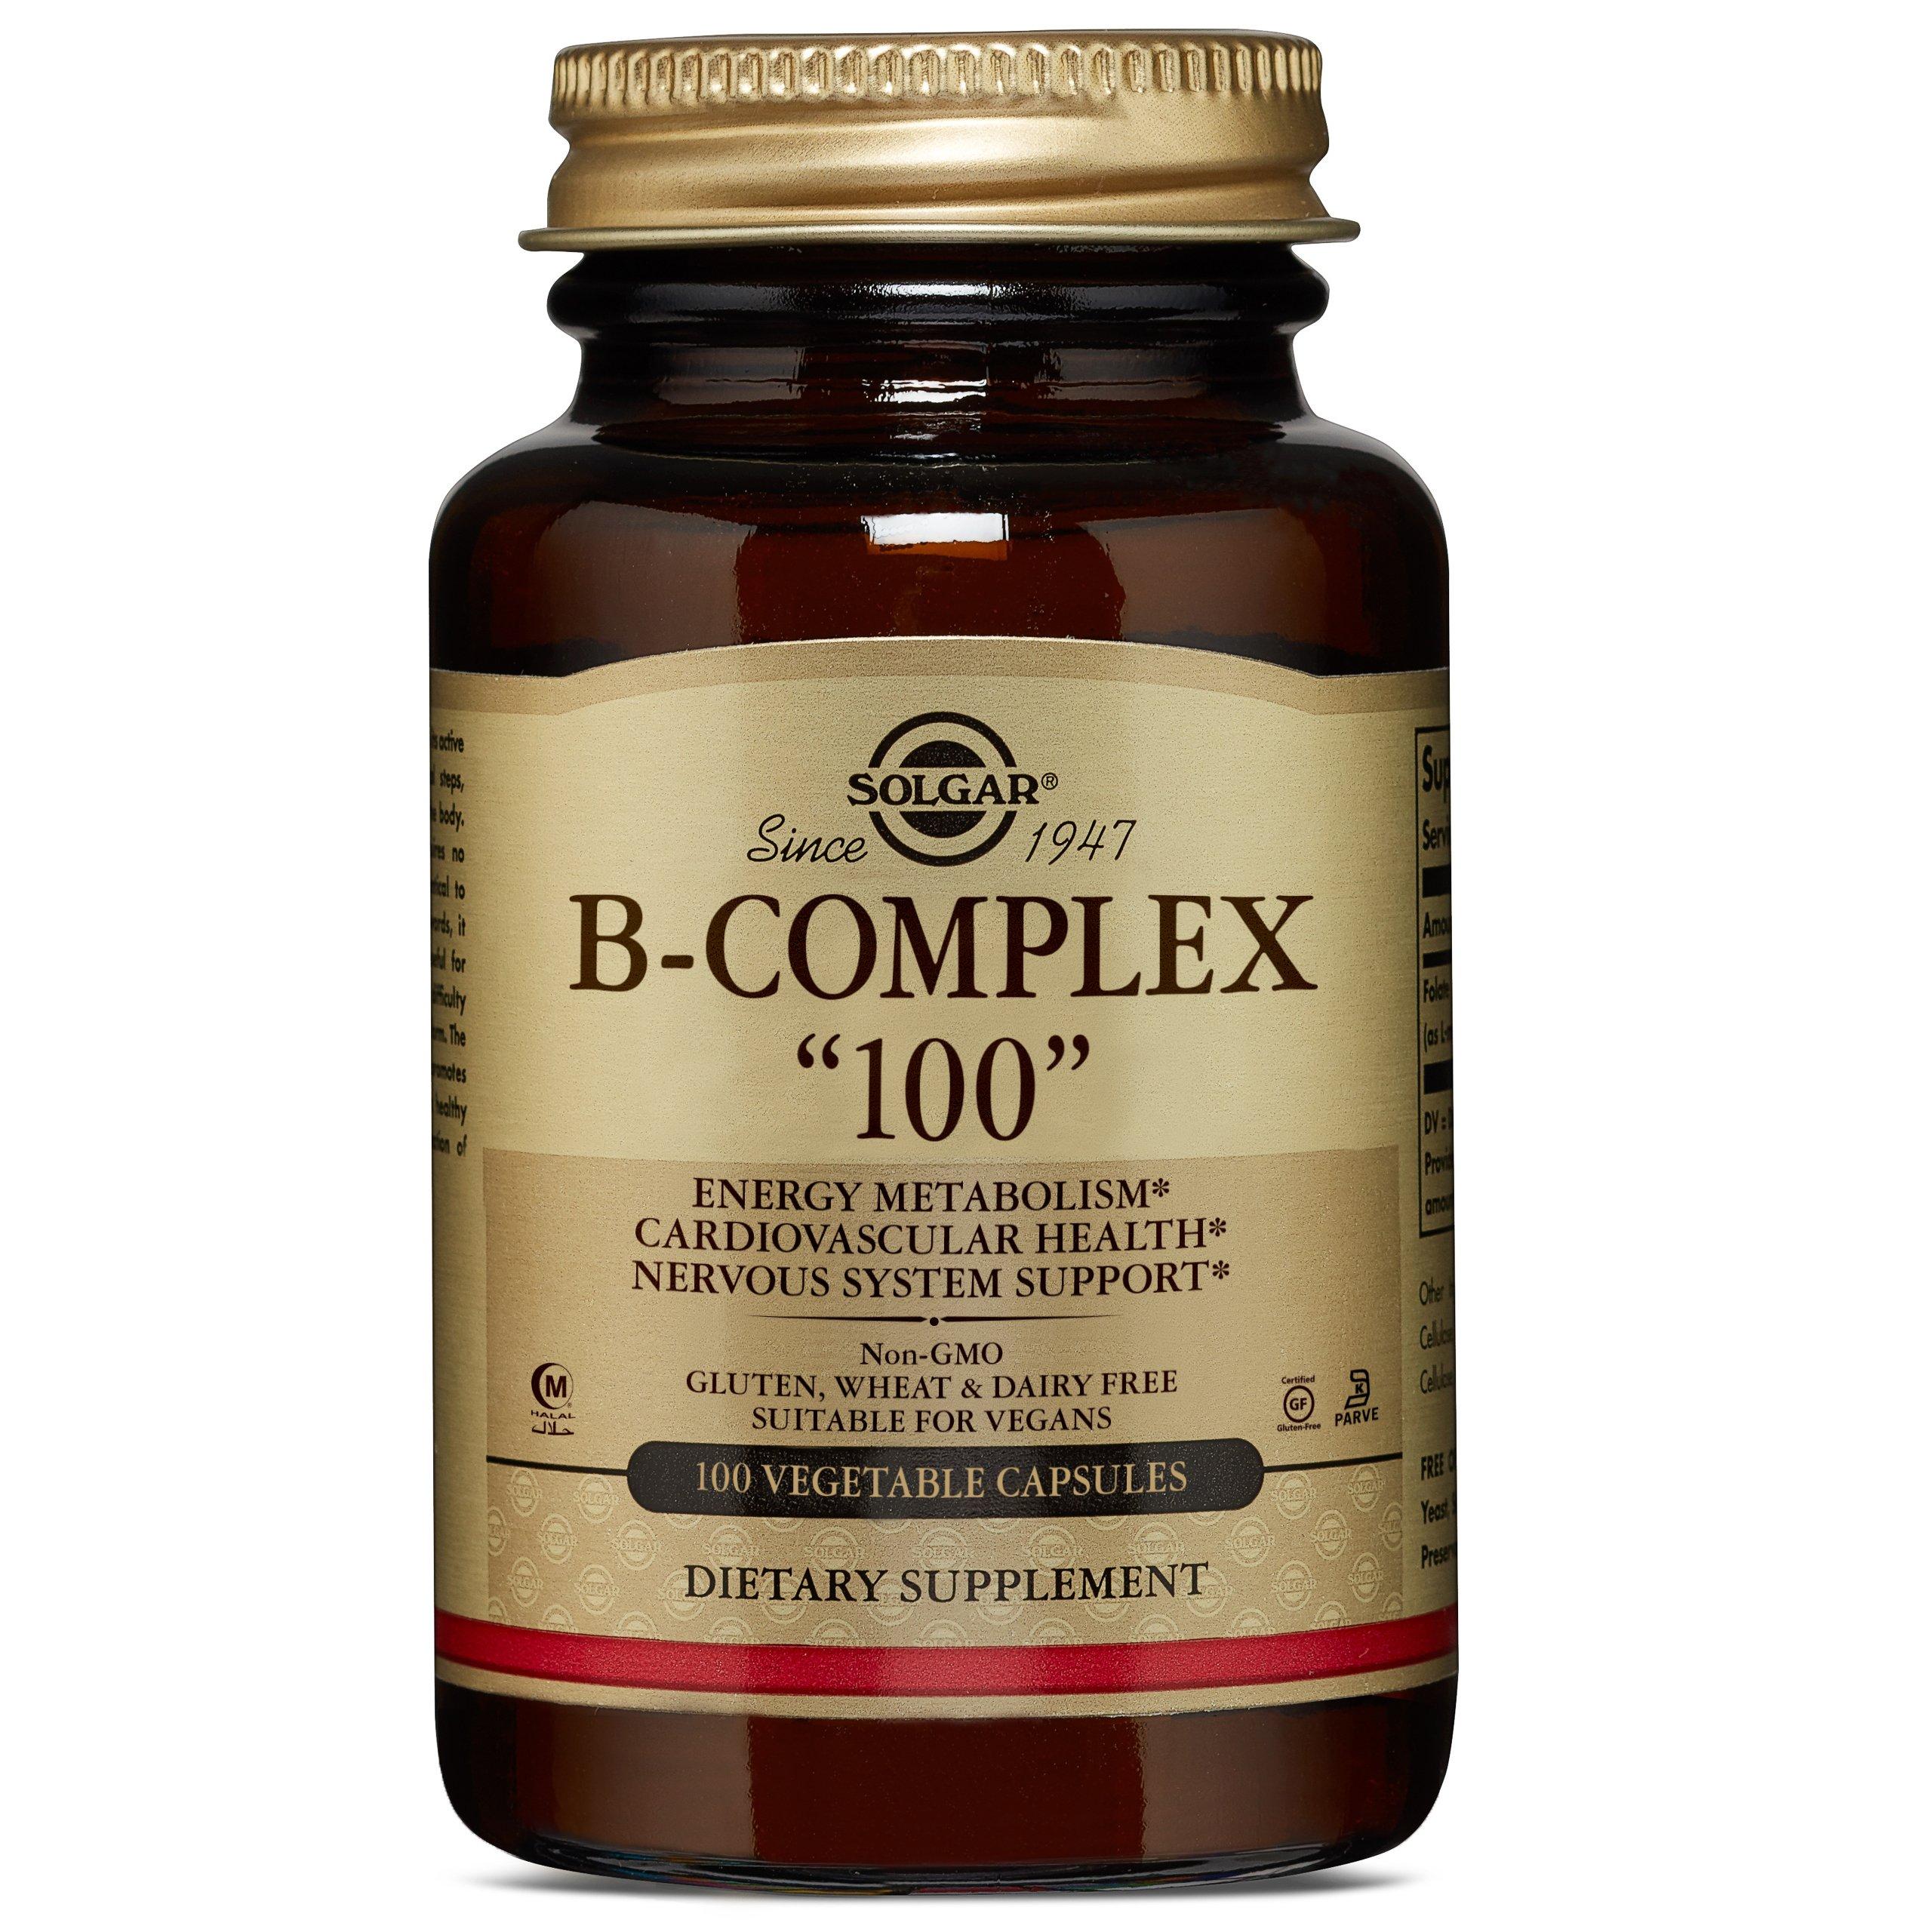 """Solgar B-Complex""""100"""", Energy Metabolism, Non-GMO, 100 Vegetable Capsules"""